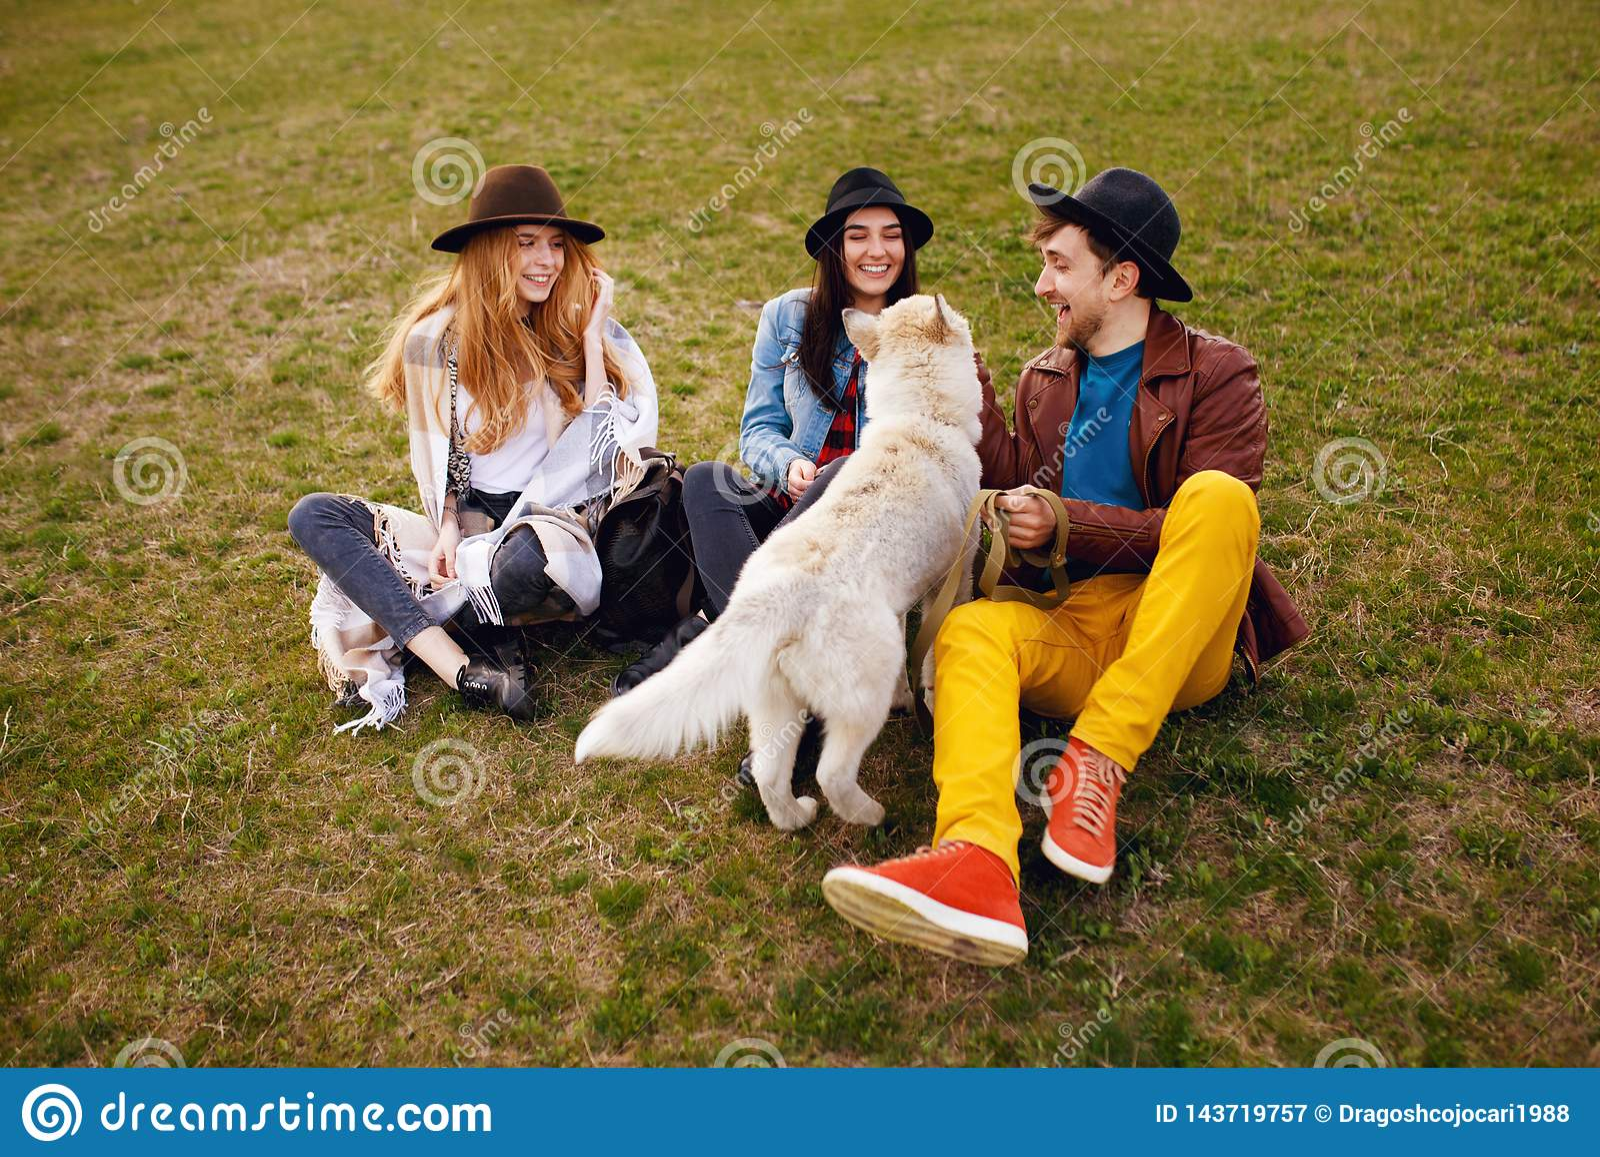 Τρεις ευτυχείς νέοι μοντέρνοι φίλοι ξοδεύουν το χρόνο υπαίθρια μαζί με τη γεροδεμένη συνεδρίαση σκυλιών τους στην πράσινη χλόη